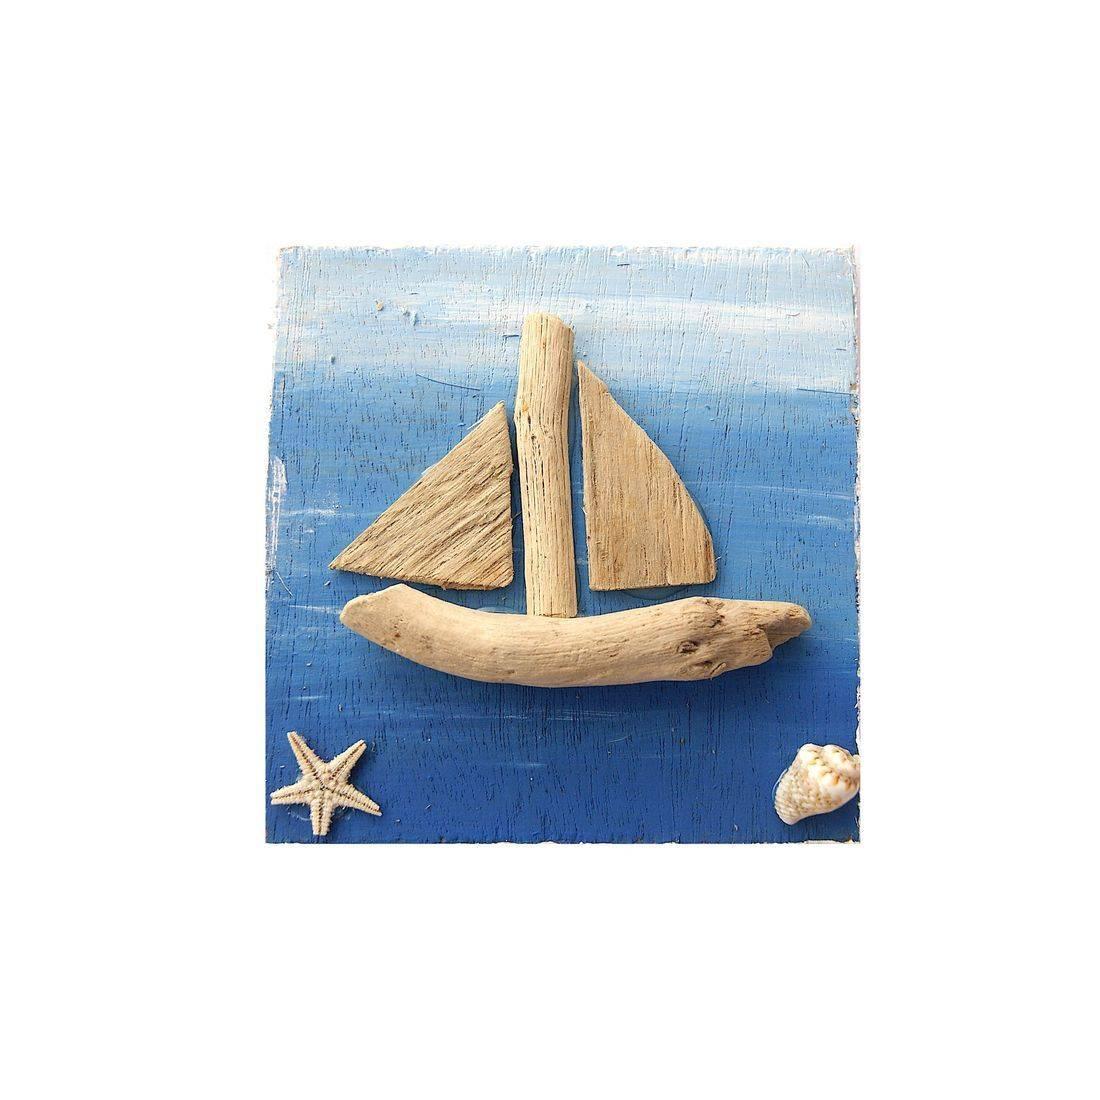 Fridge magnet driftwood boat